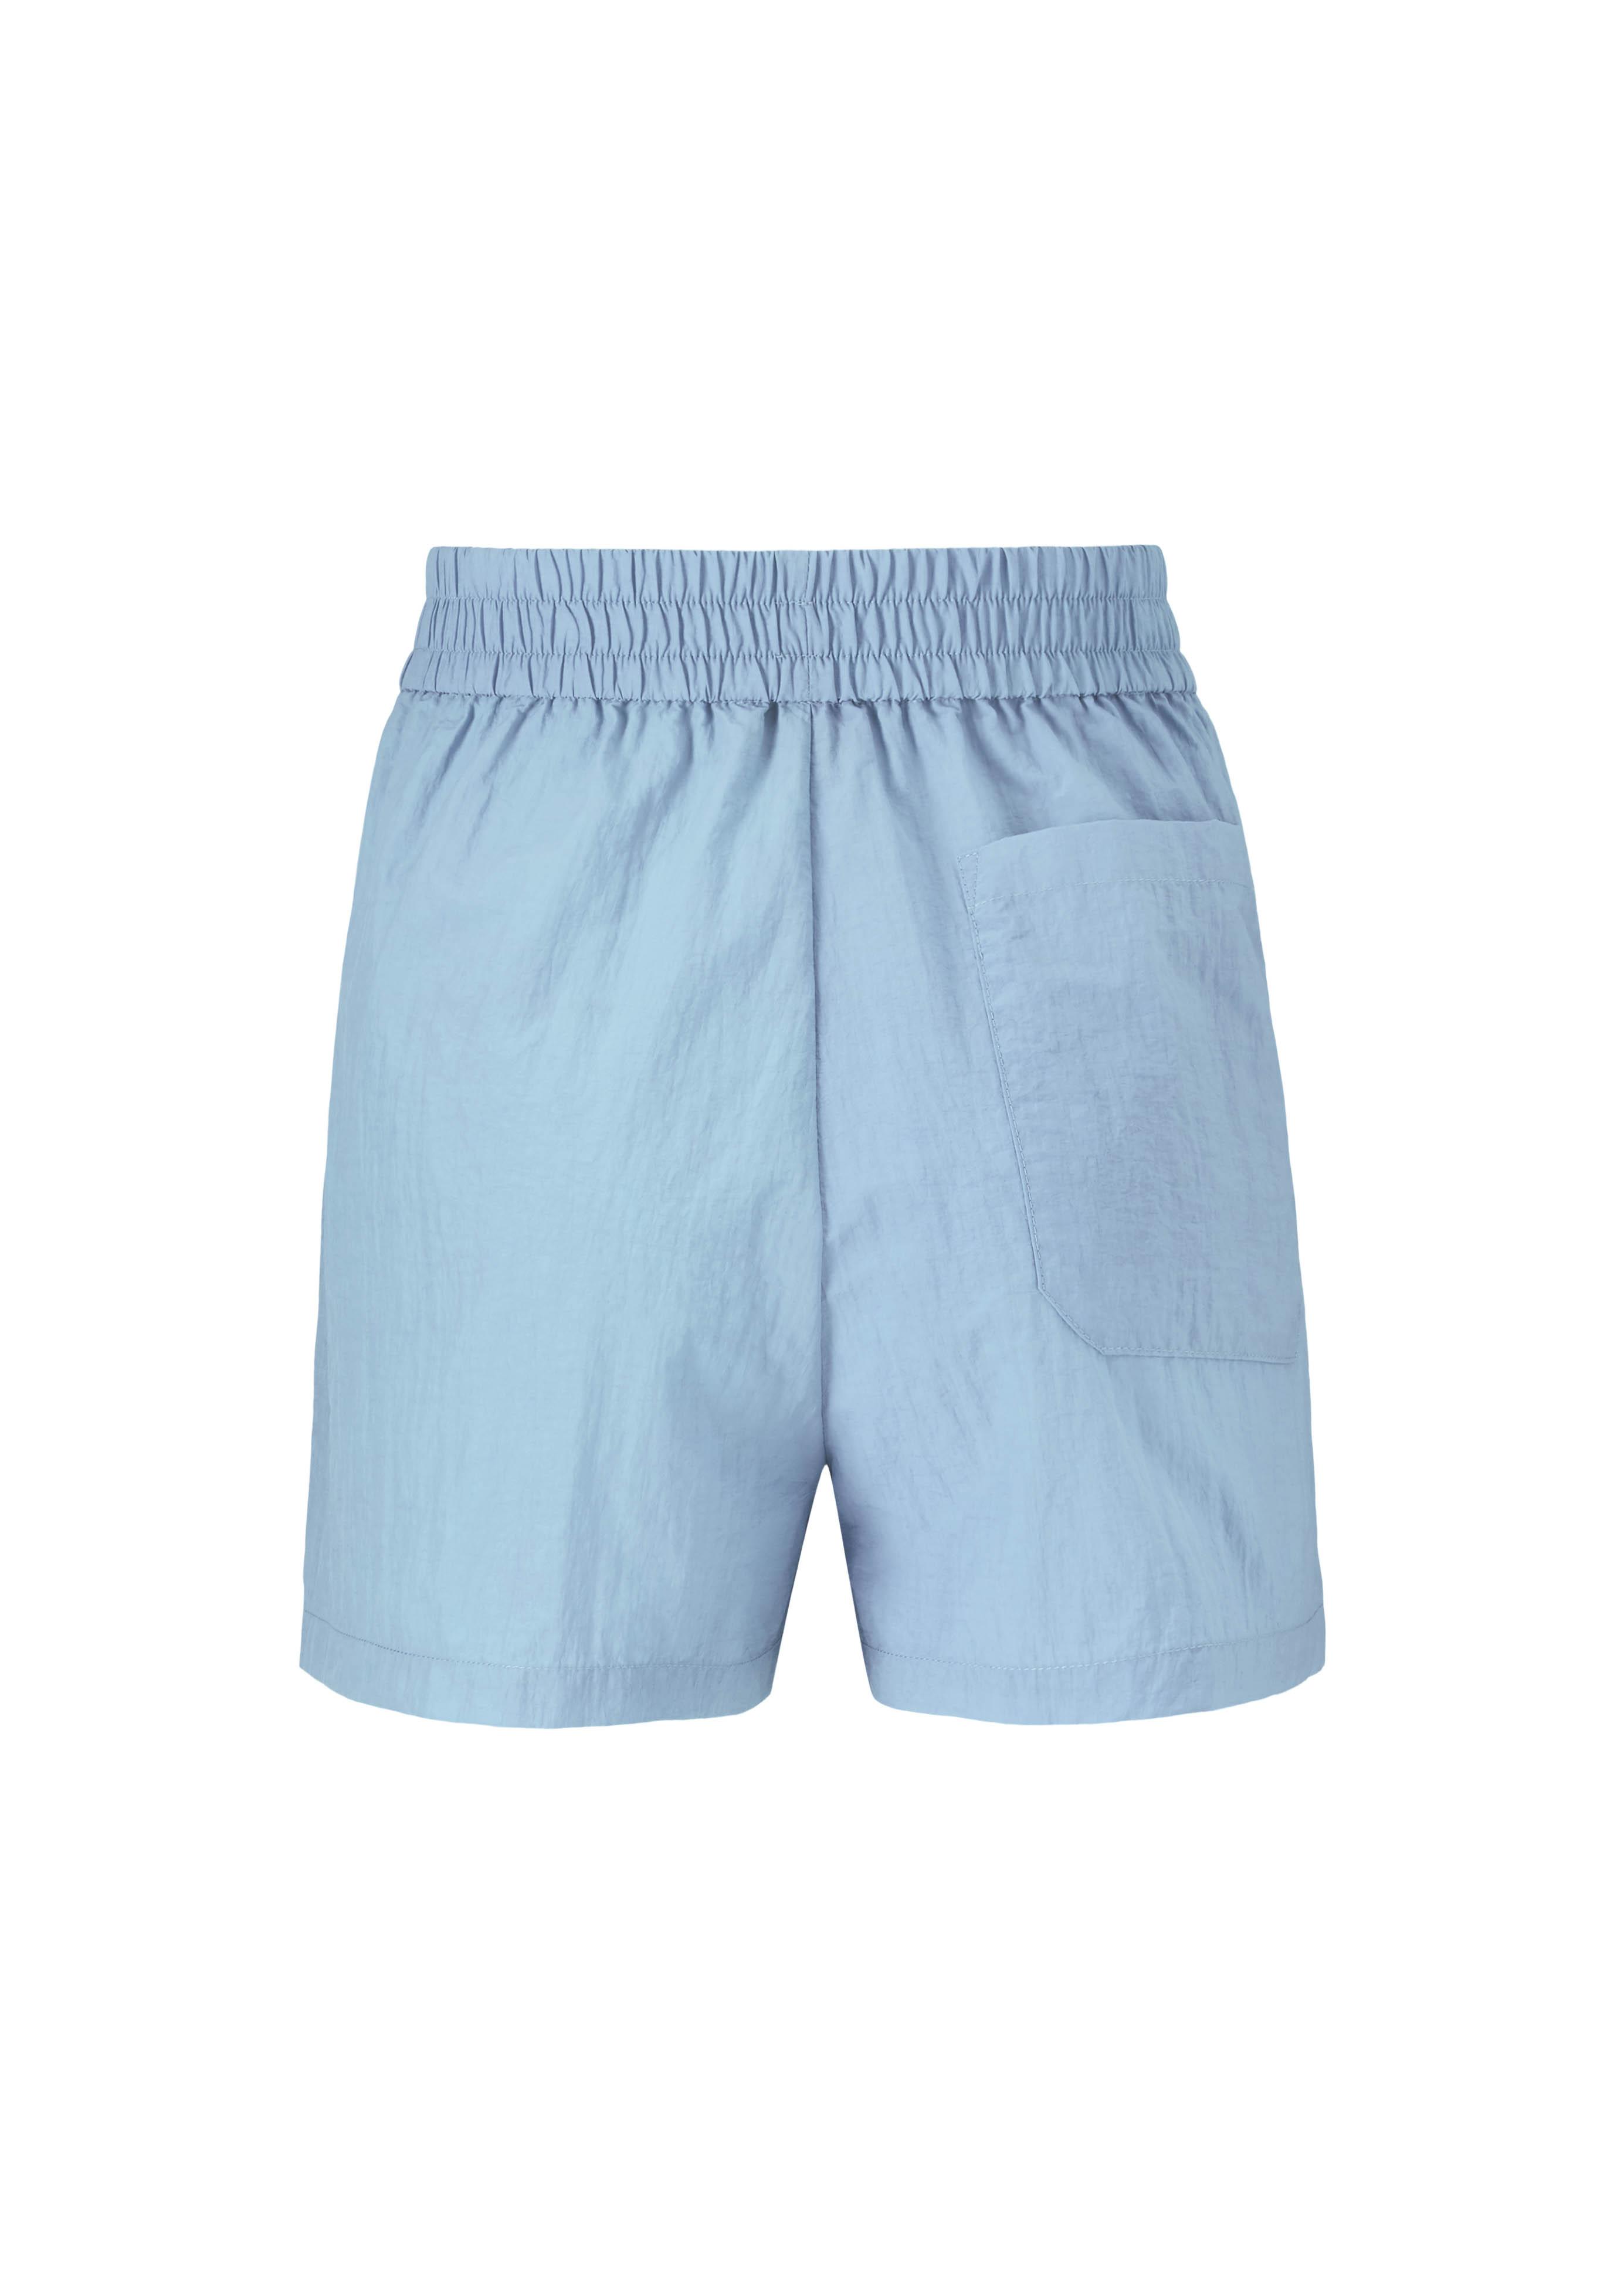 Modström Janice shorts, allure, large